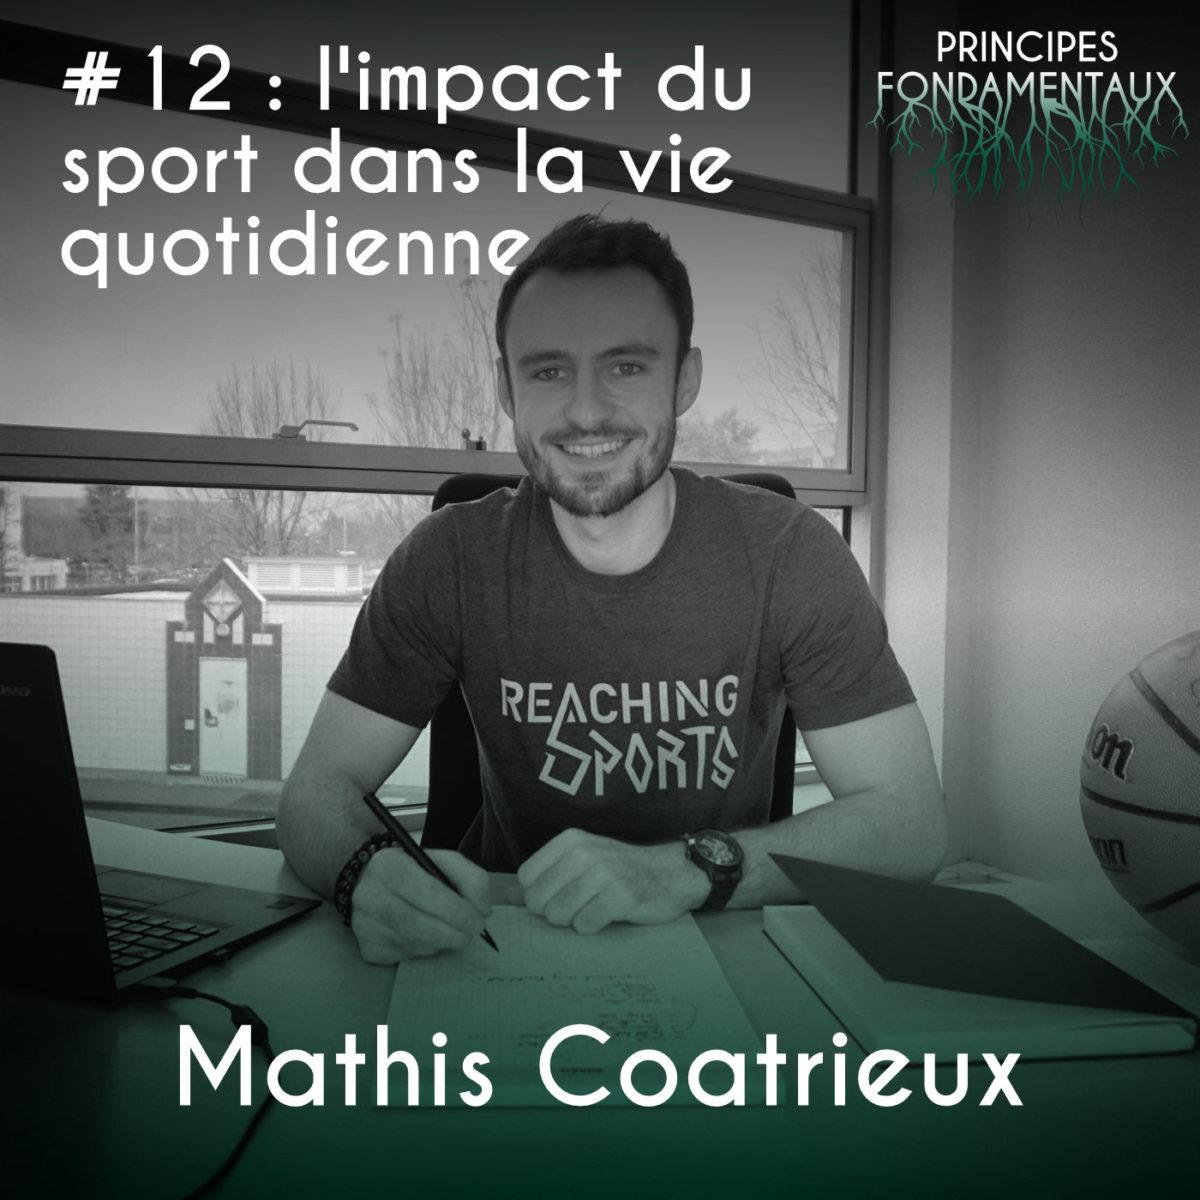 Couverture Podcast #12 Mathis Coatrieux